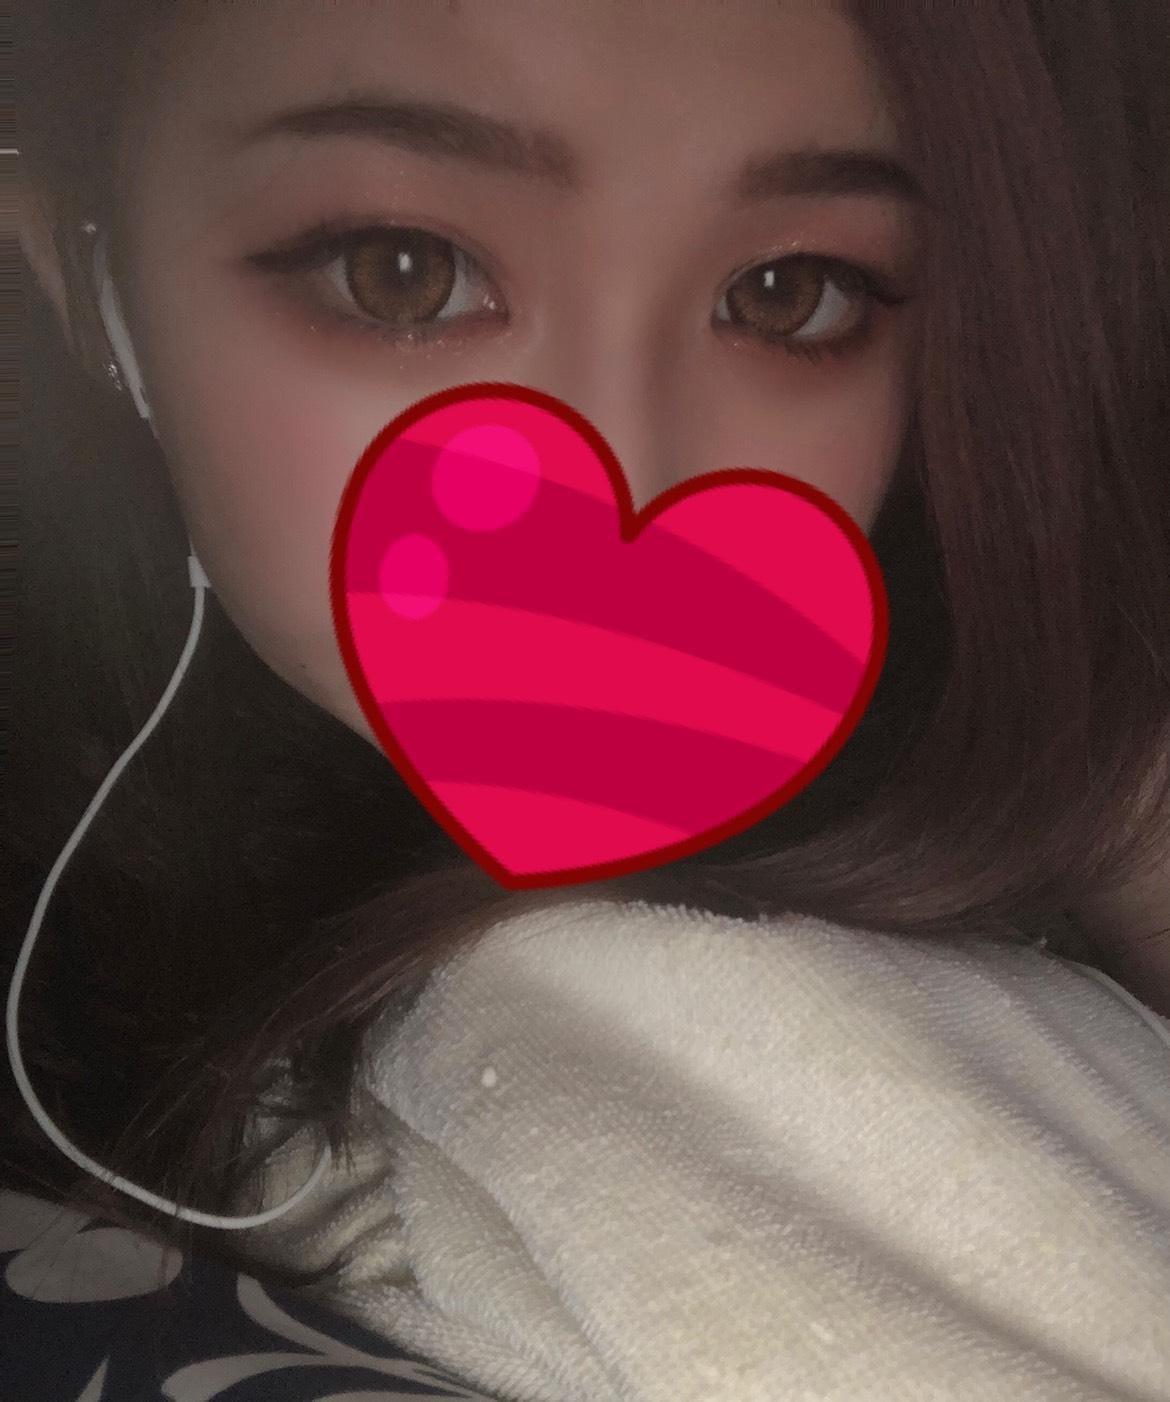 麗菜「こんにちわ」12/22(火) 19:16 | 麗菜の写メ・風俗動画